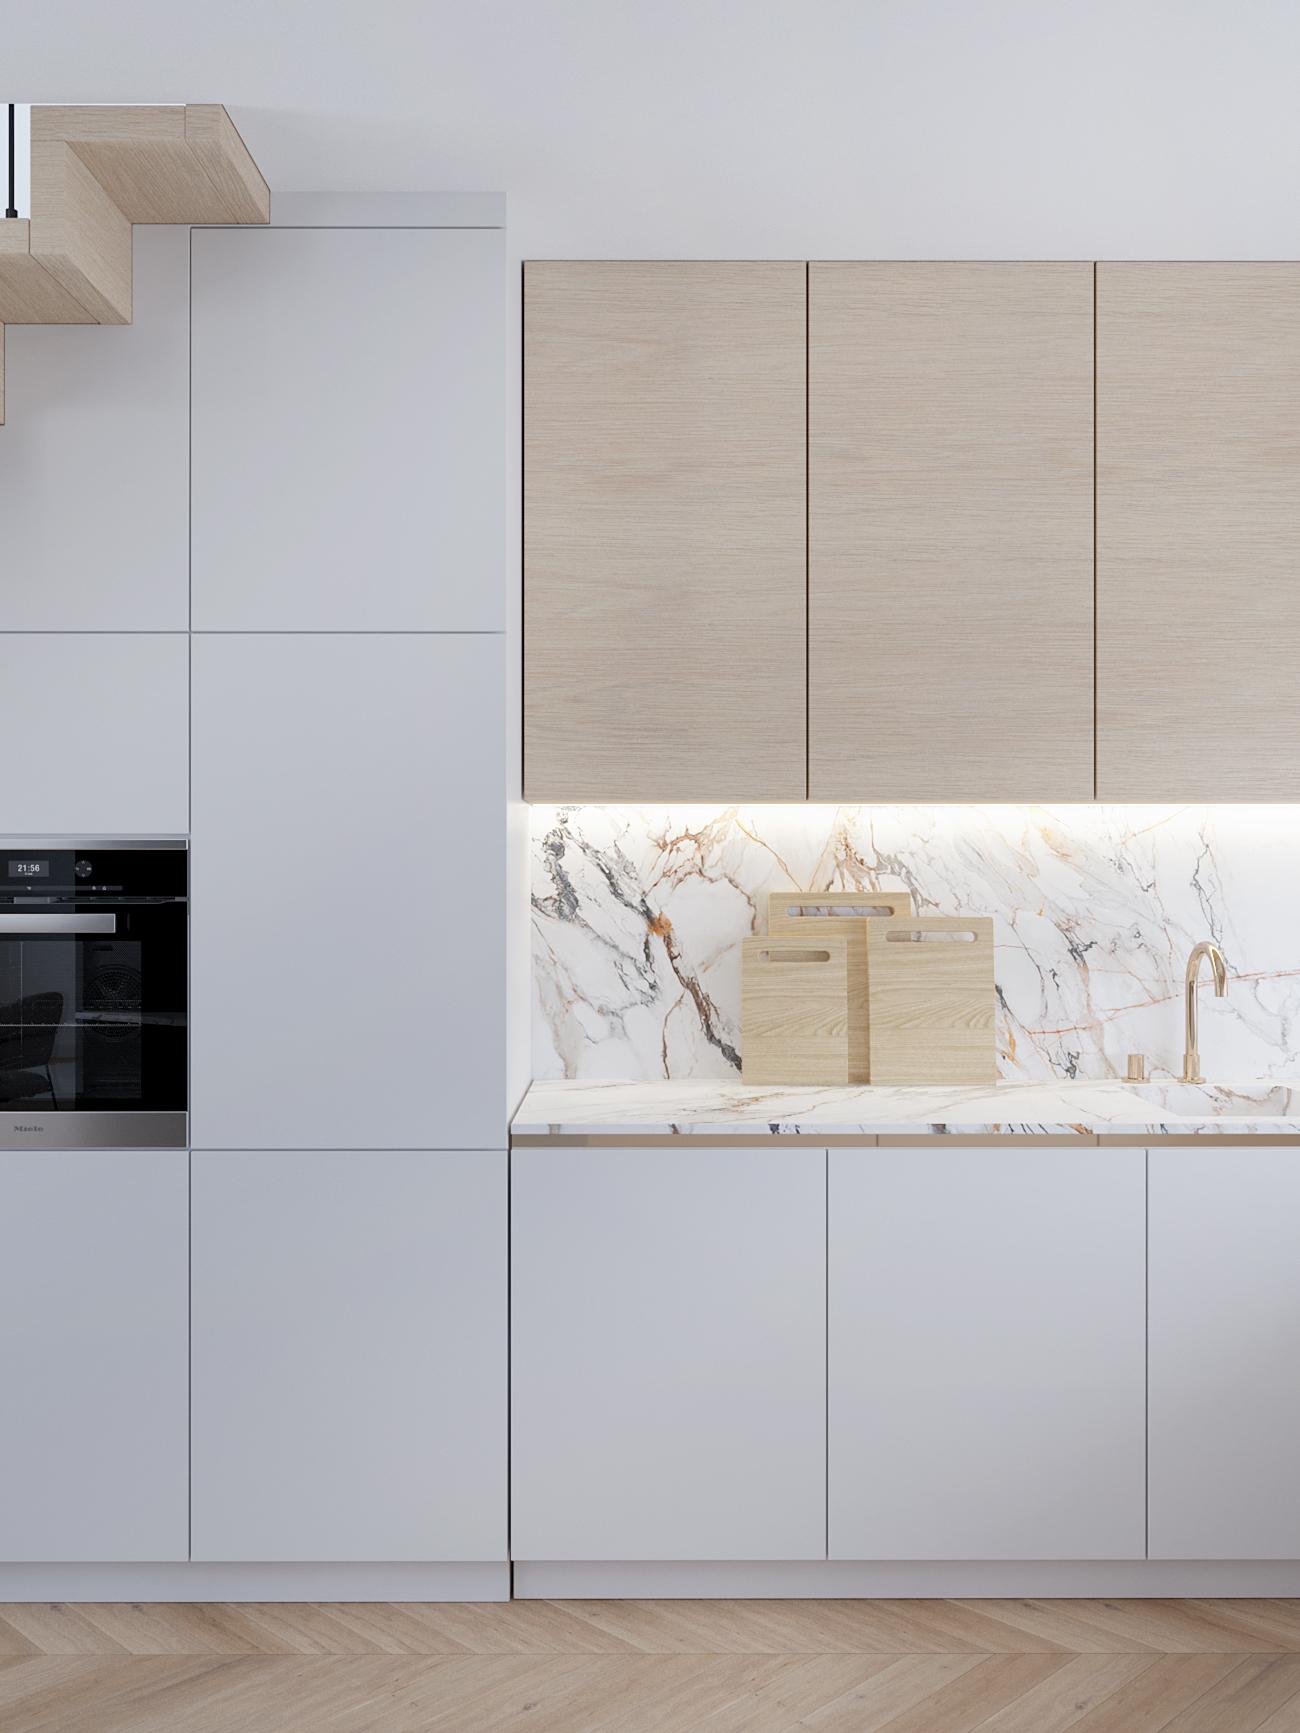 7 projektowanie wnetrz M356 mieszkanie Krakow biala kuchnia derwniane fronty kamien na scianie